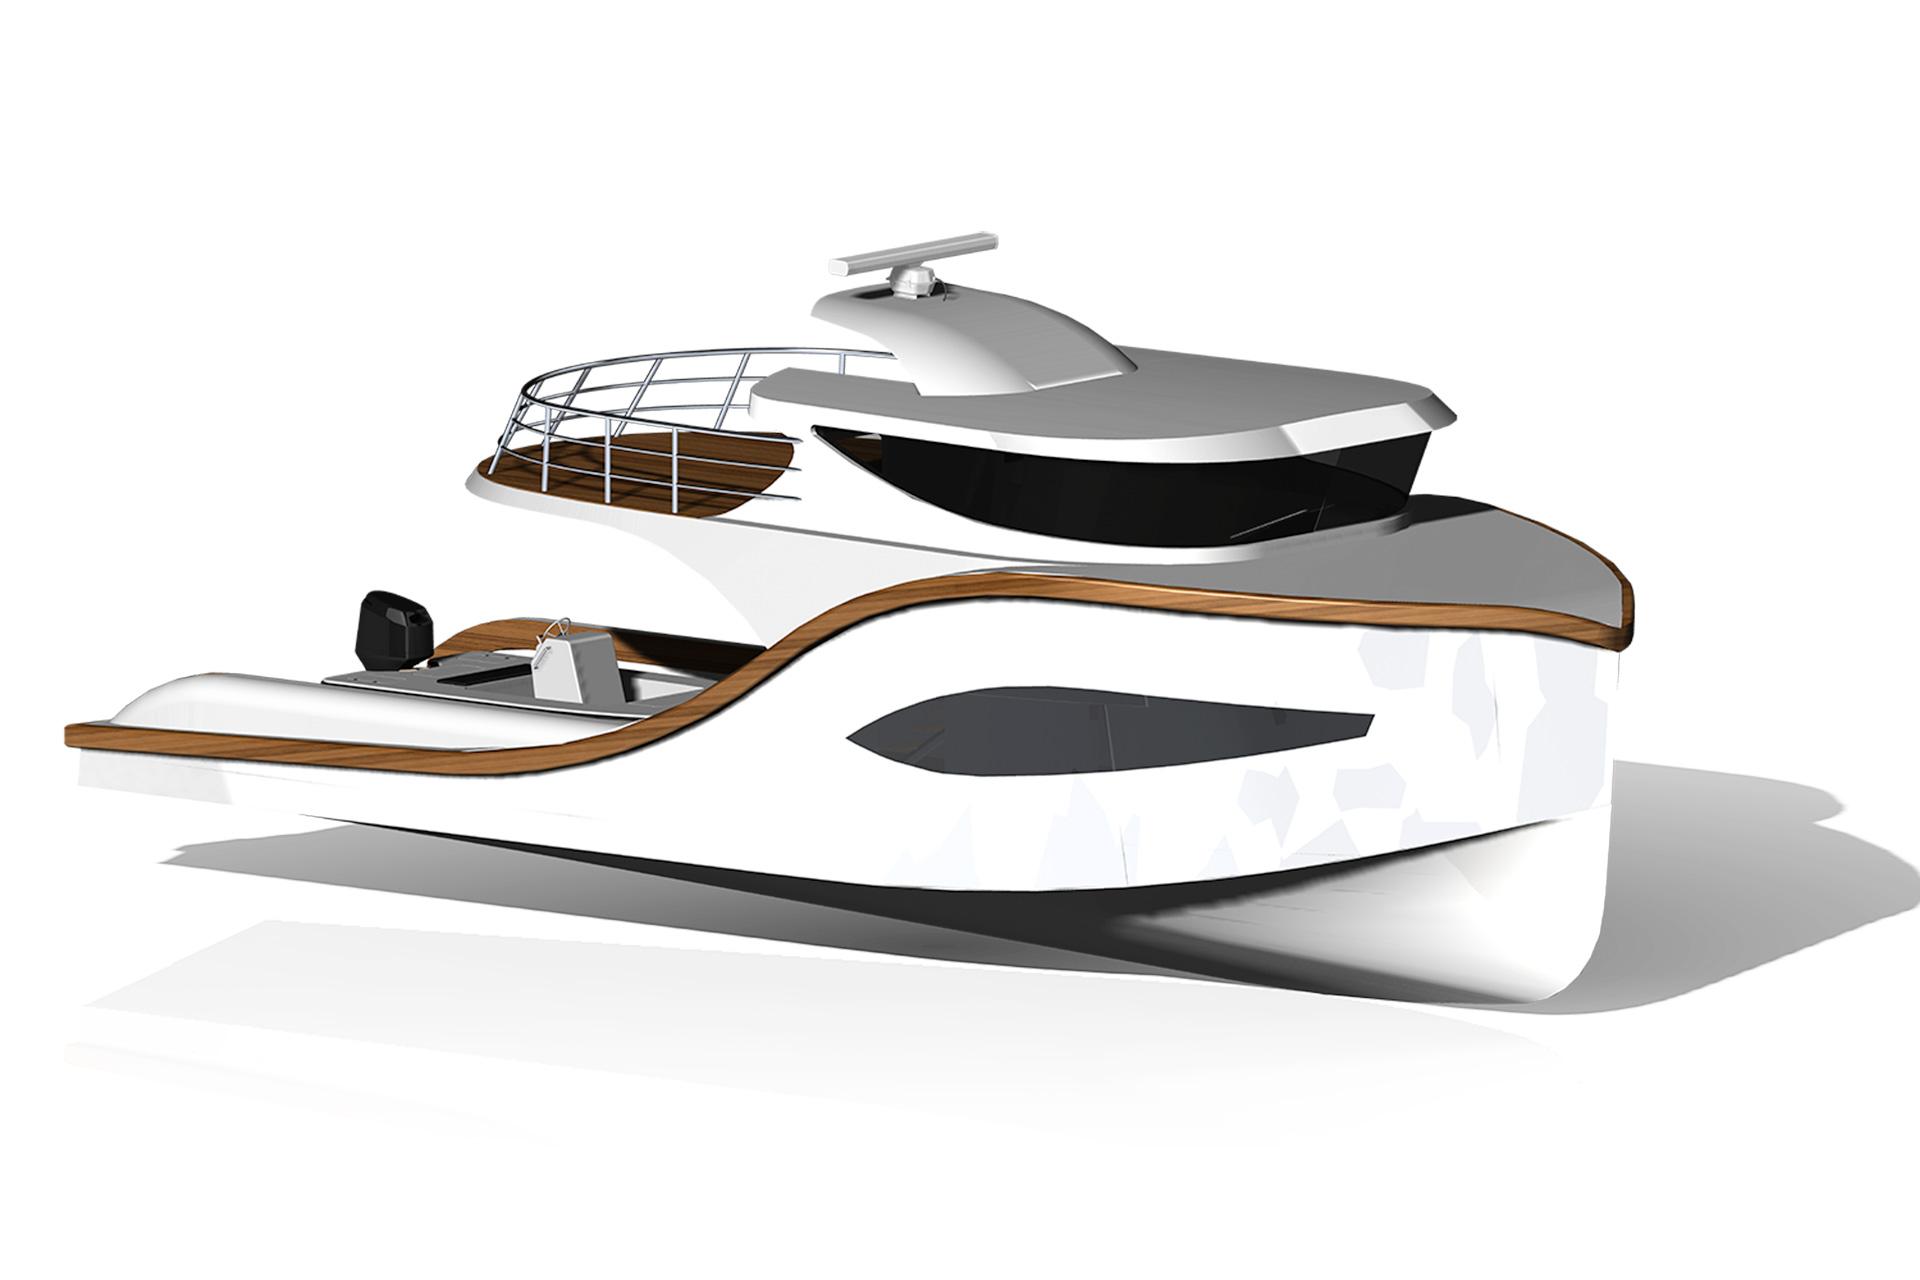 Electric Boats Hybrid Pocket Yacht